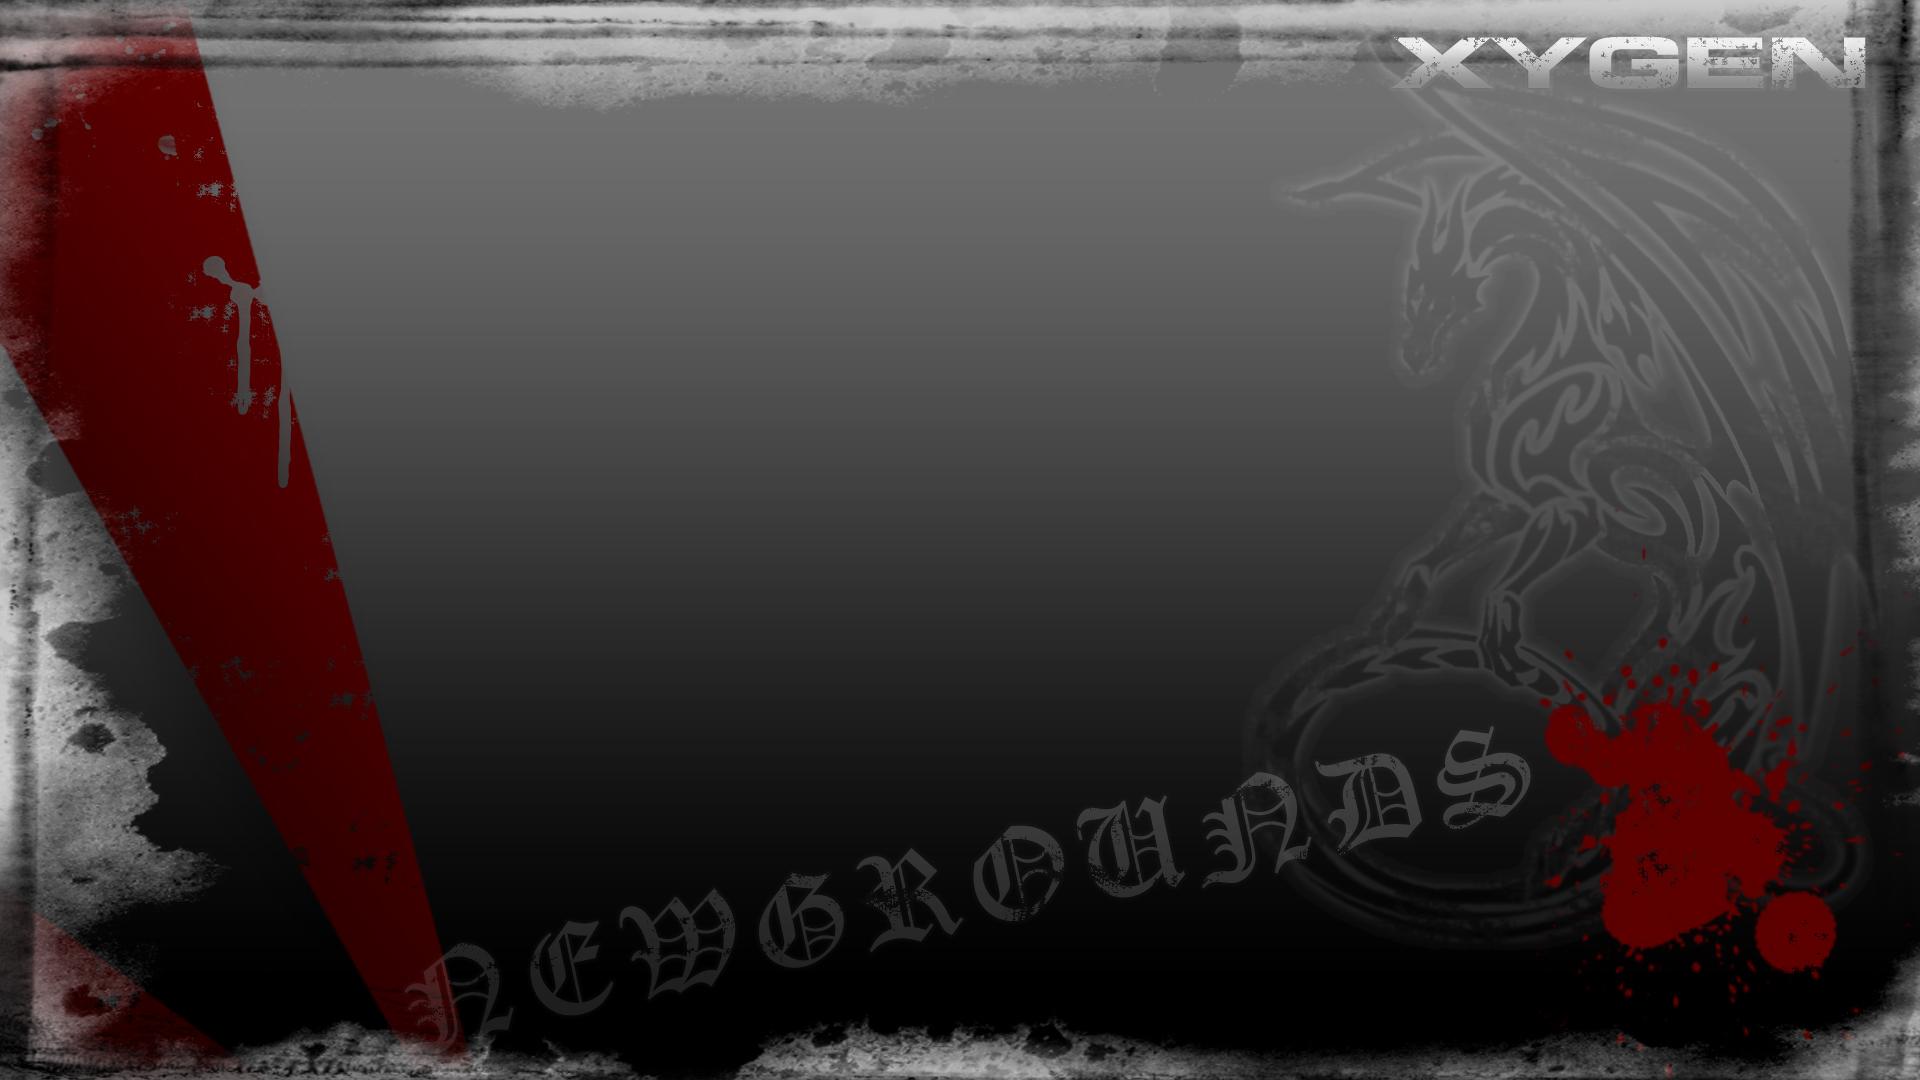 Newgrounds Xygen Official